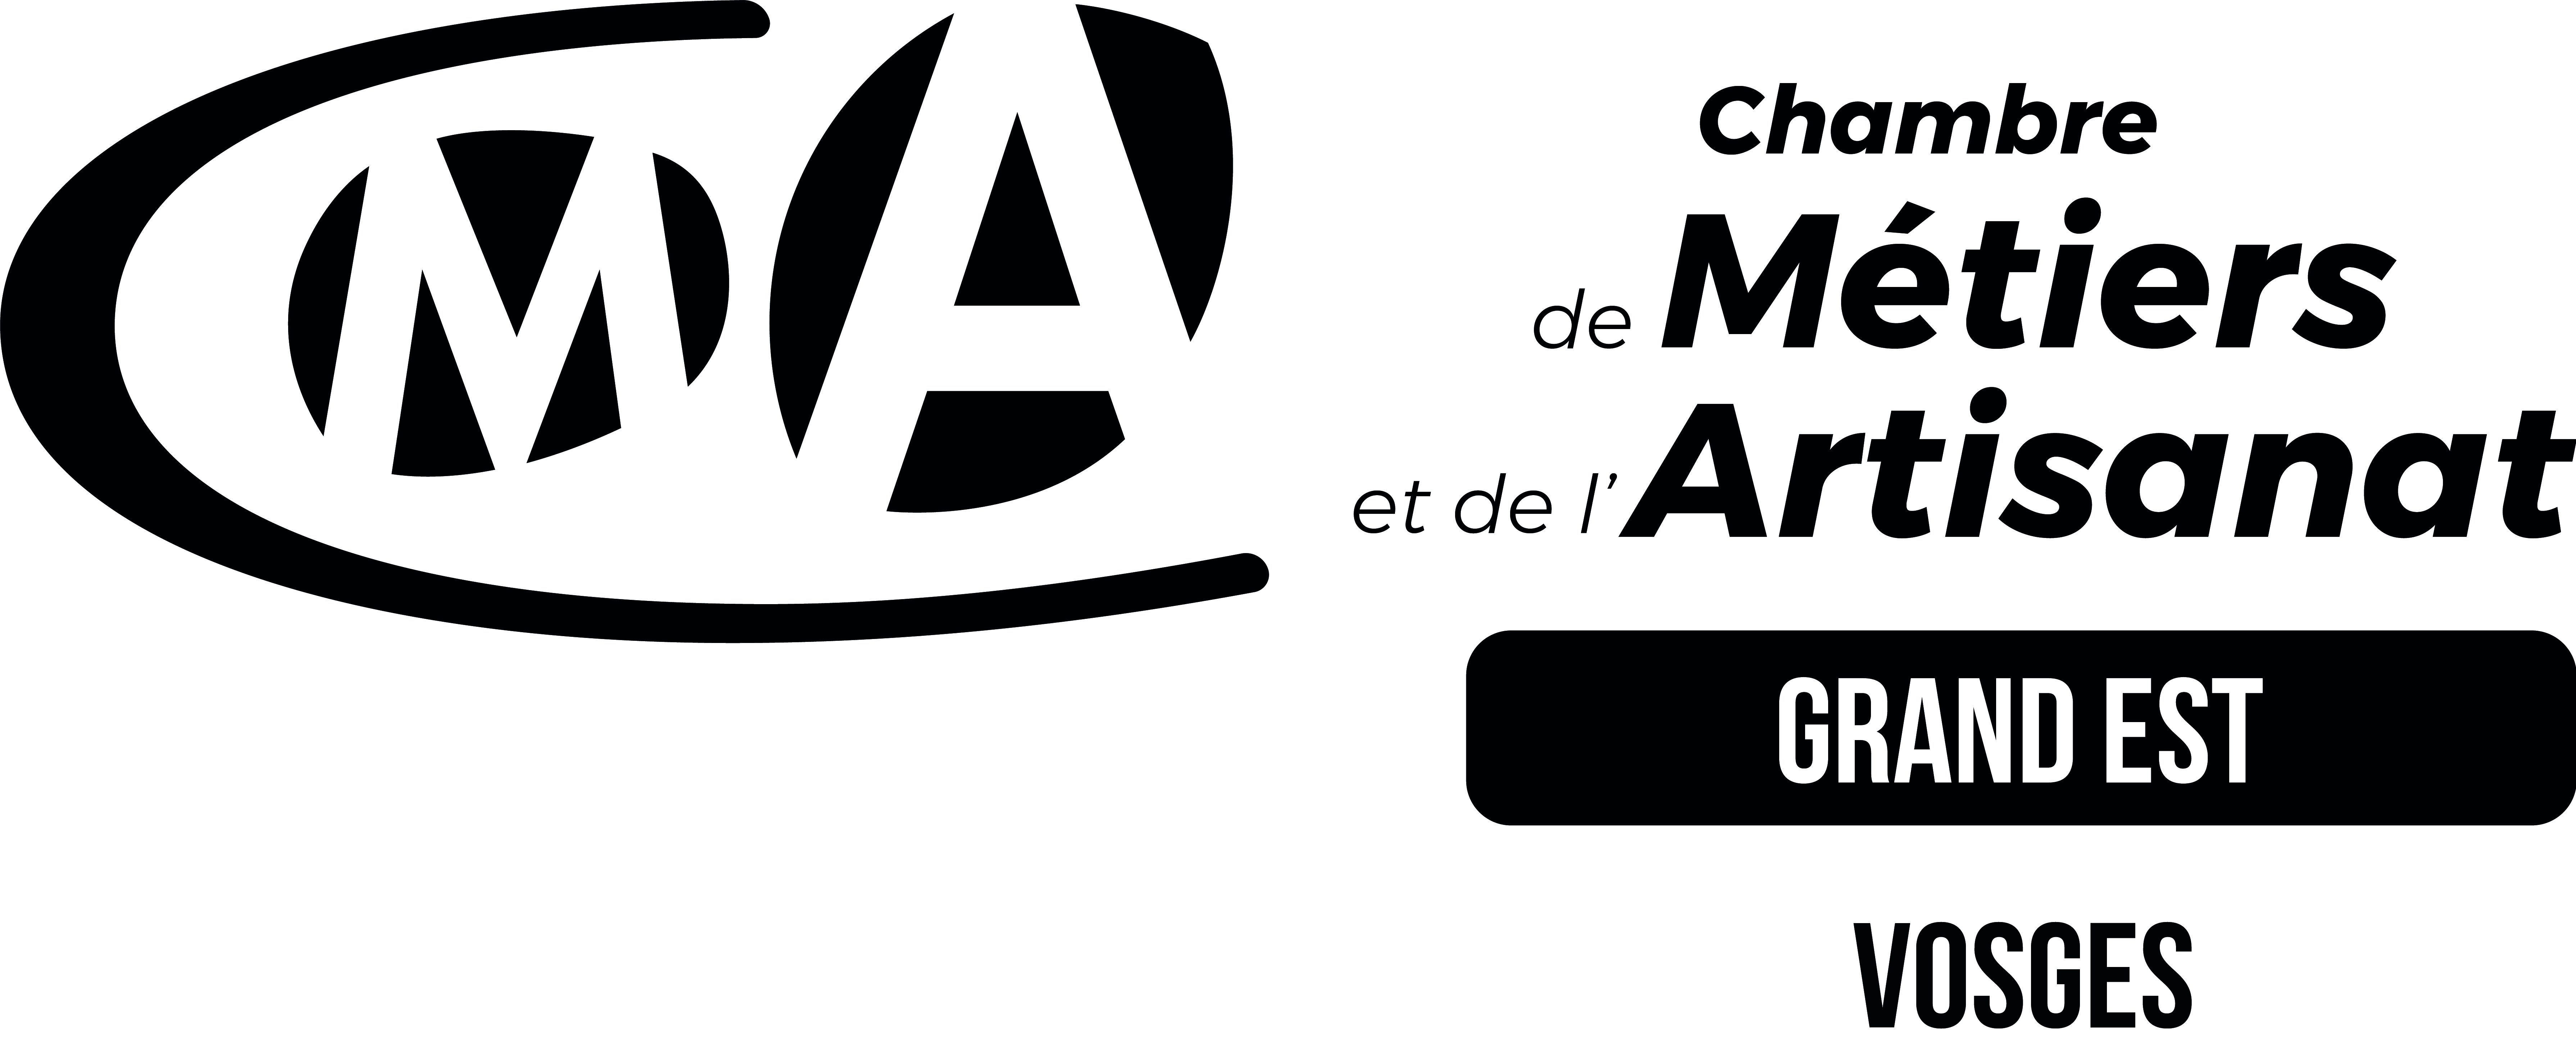 CMA Vosges